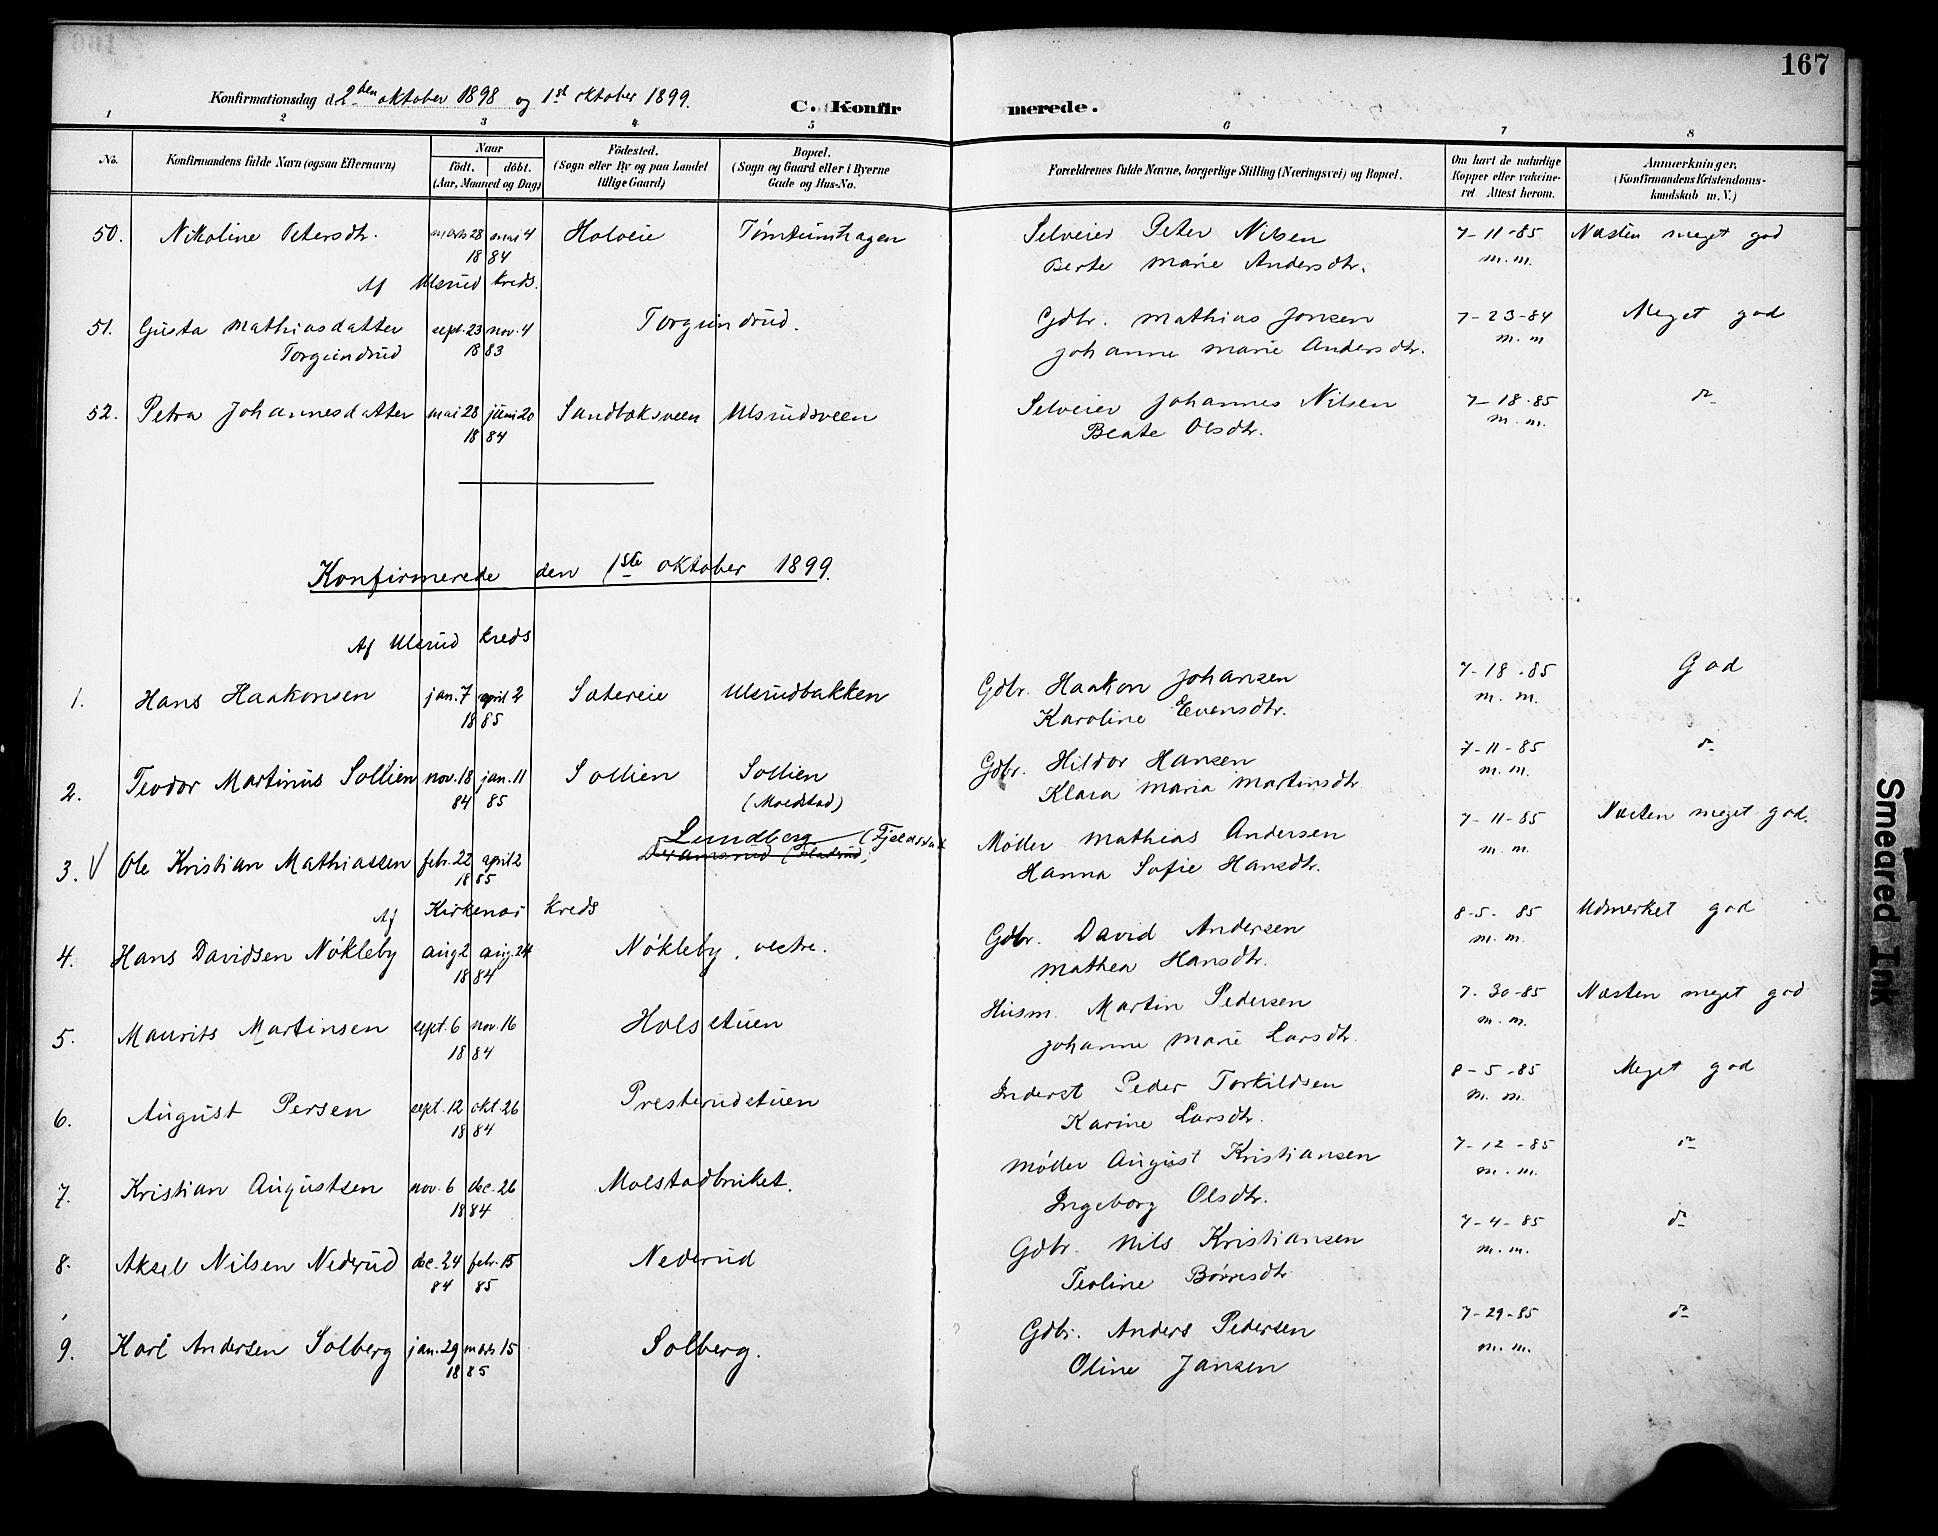 SAH, Vestre Toten prestekontor, Ministerialbok nr. 13, 1895-1911, s. 167